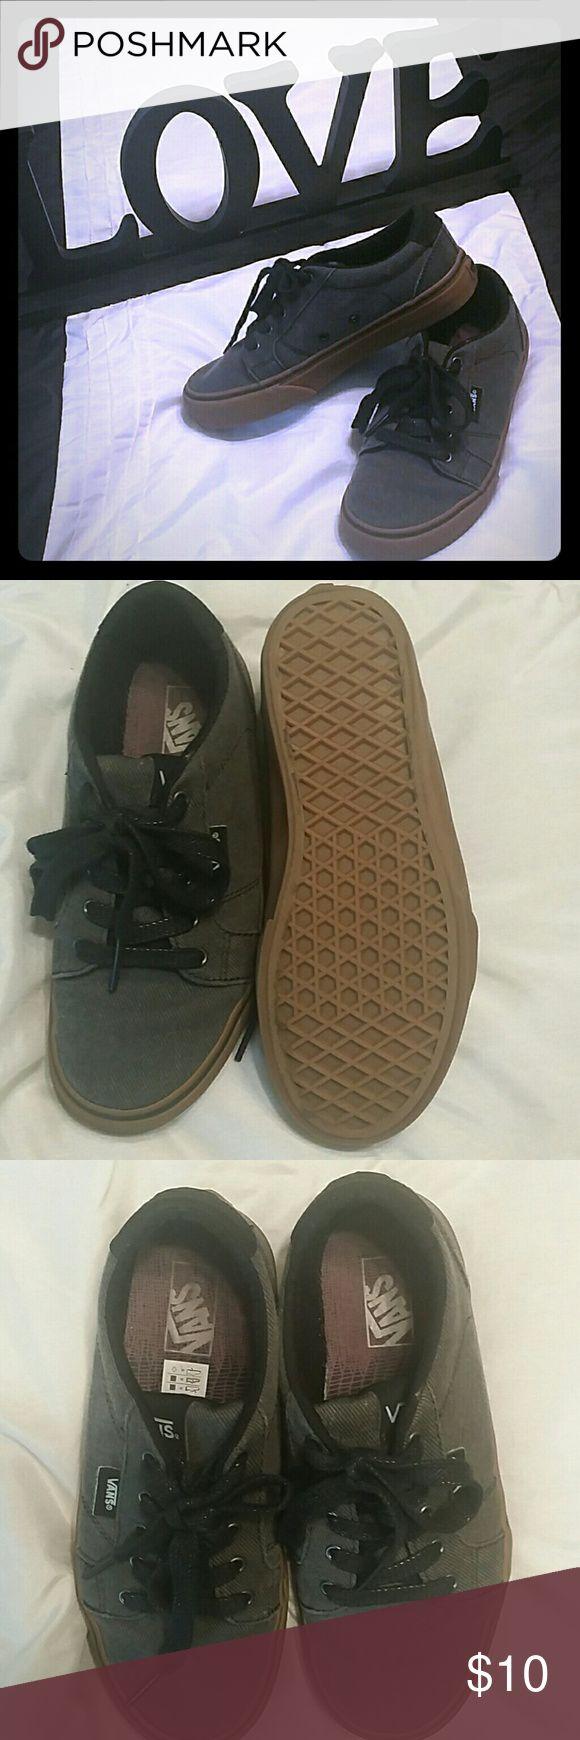 Boys Vans Grey with a bubble gum sole Vans Shoes Sneakers